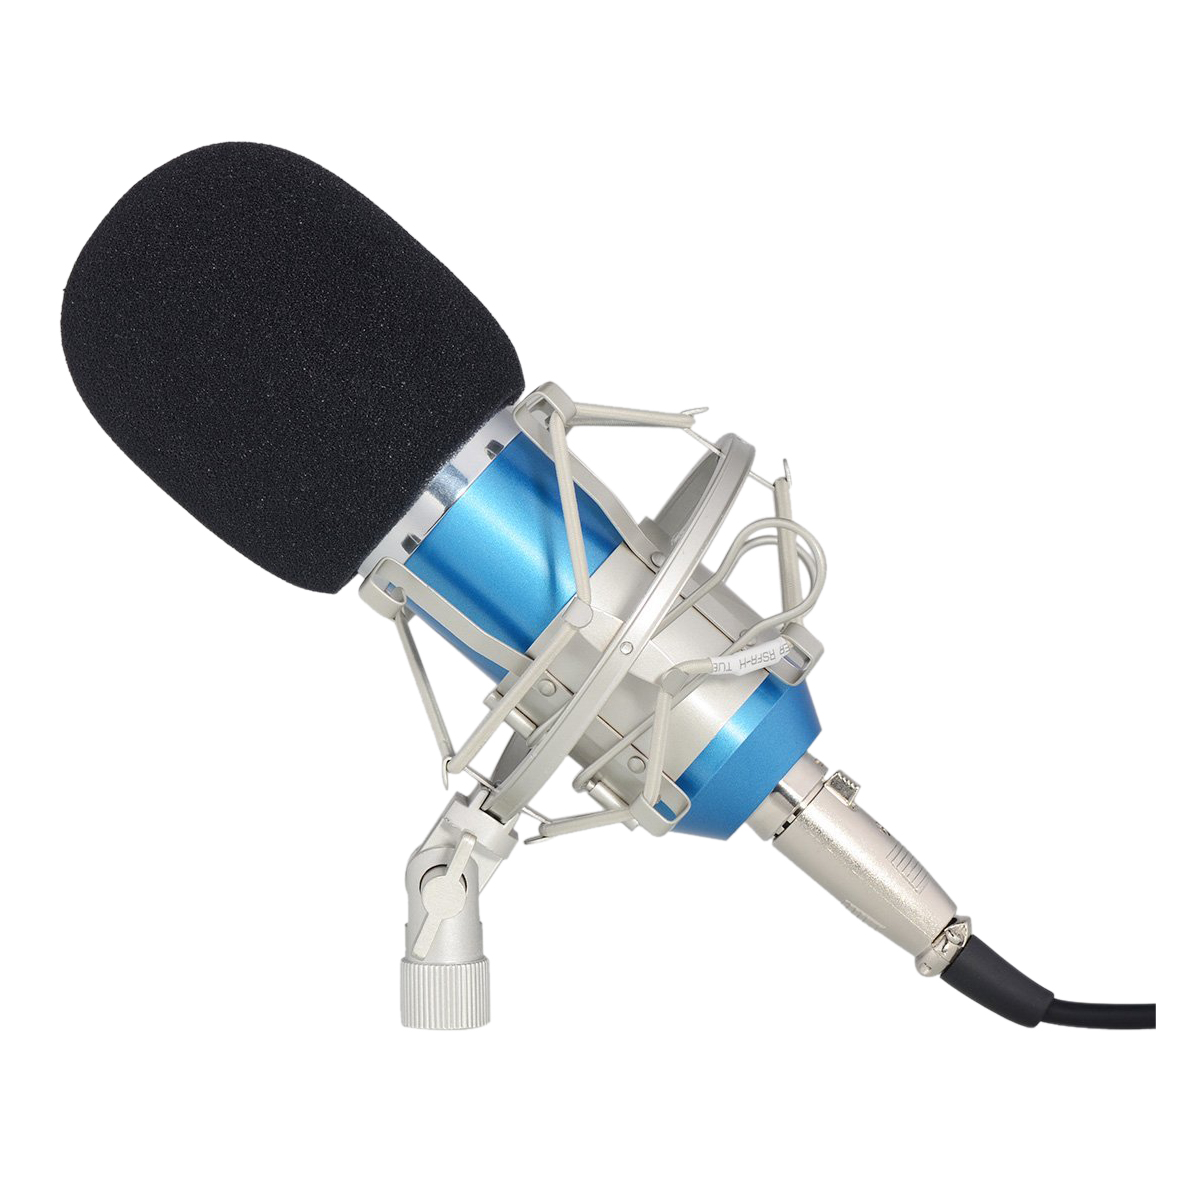 Studio D'enregistrement Microphone À Condensateur avec Shock Mount Holder Clip pour Radiodiffusion Voix-Sur Son, les Jeux et la Vidéo Chat